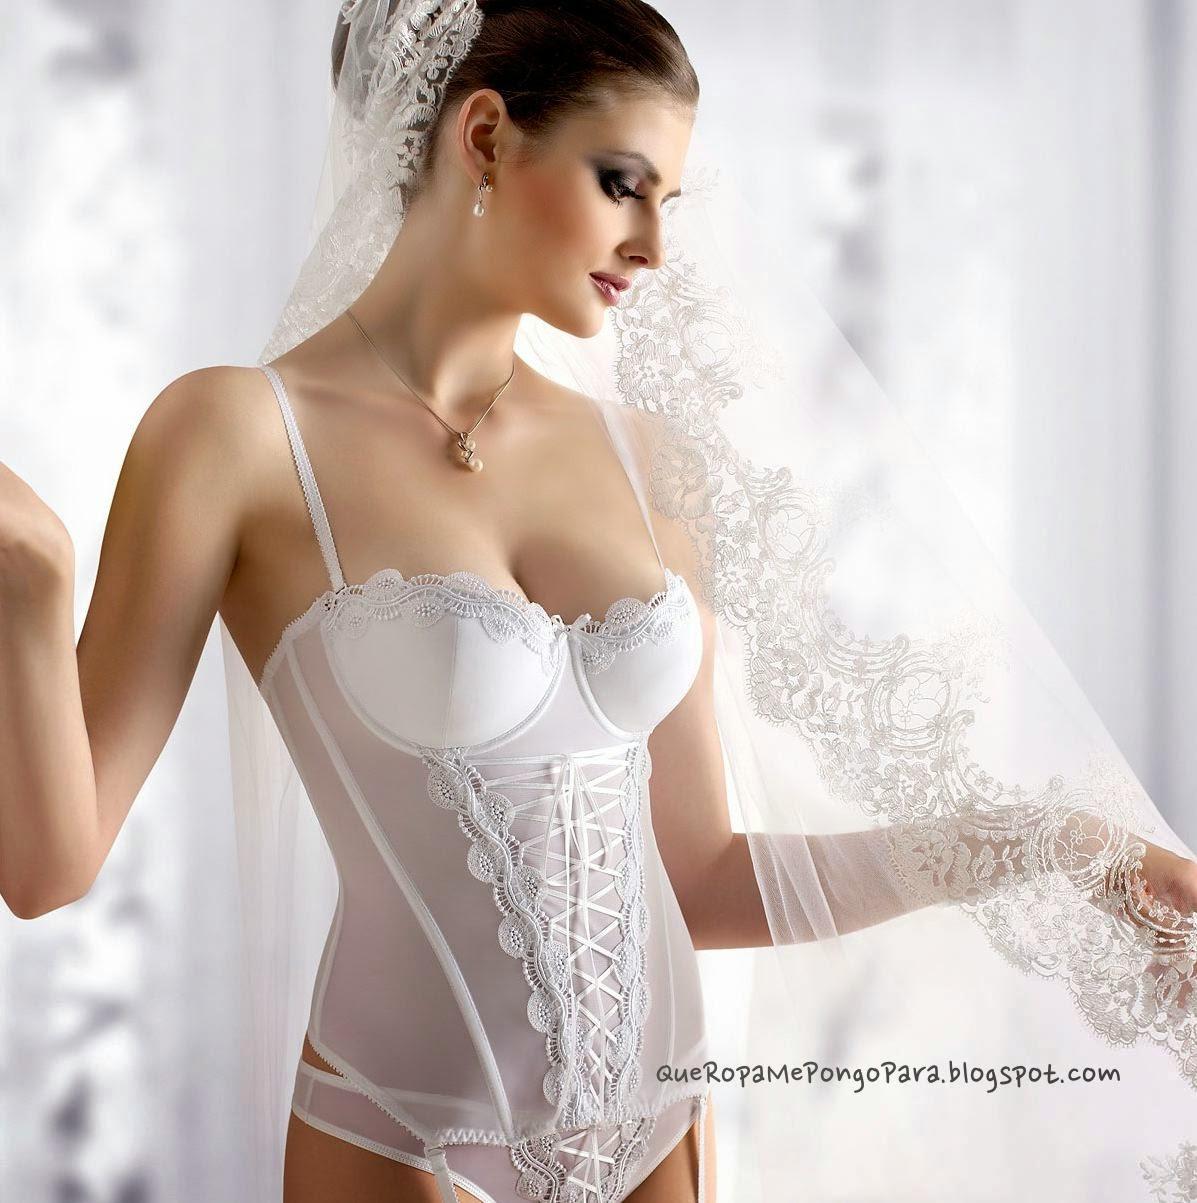 Fotos de ropa interior femenina para hombres - Ropa interior femenina ...